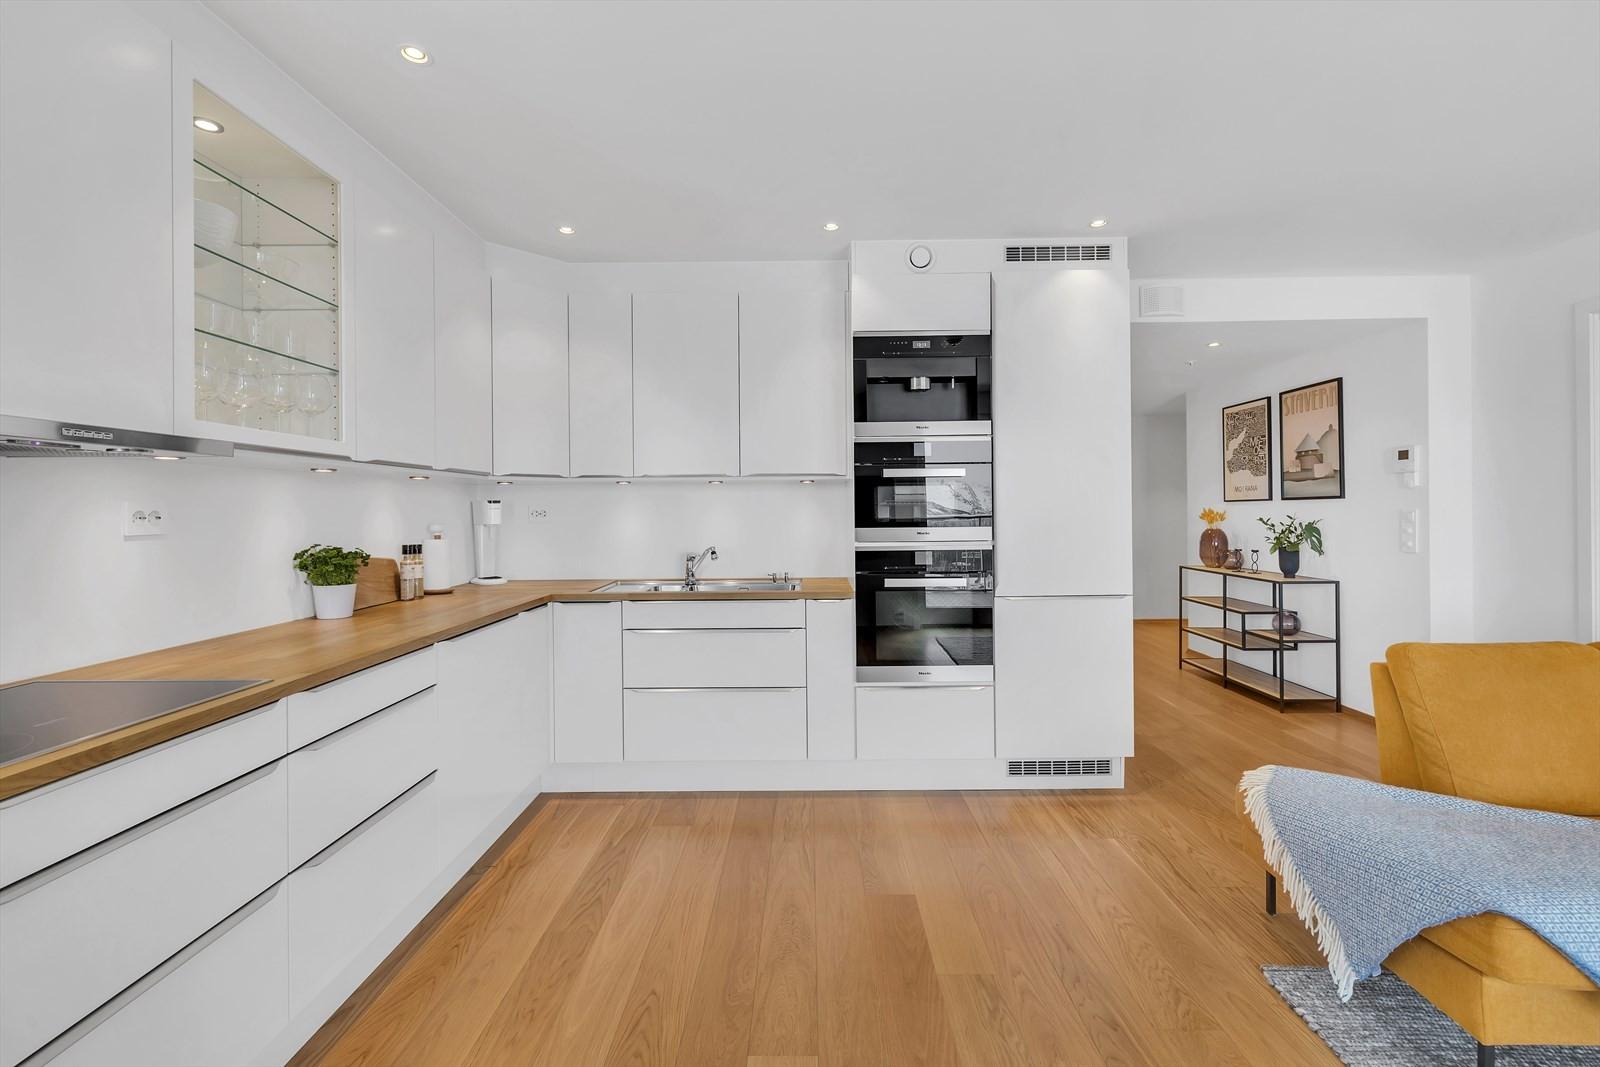 Lekkert og oppgradert kjøkken med integrerte hvitevarer fra Miele